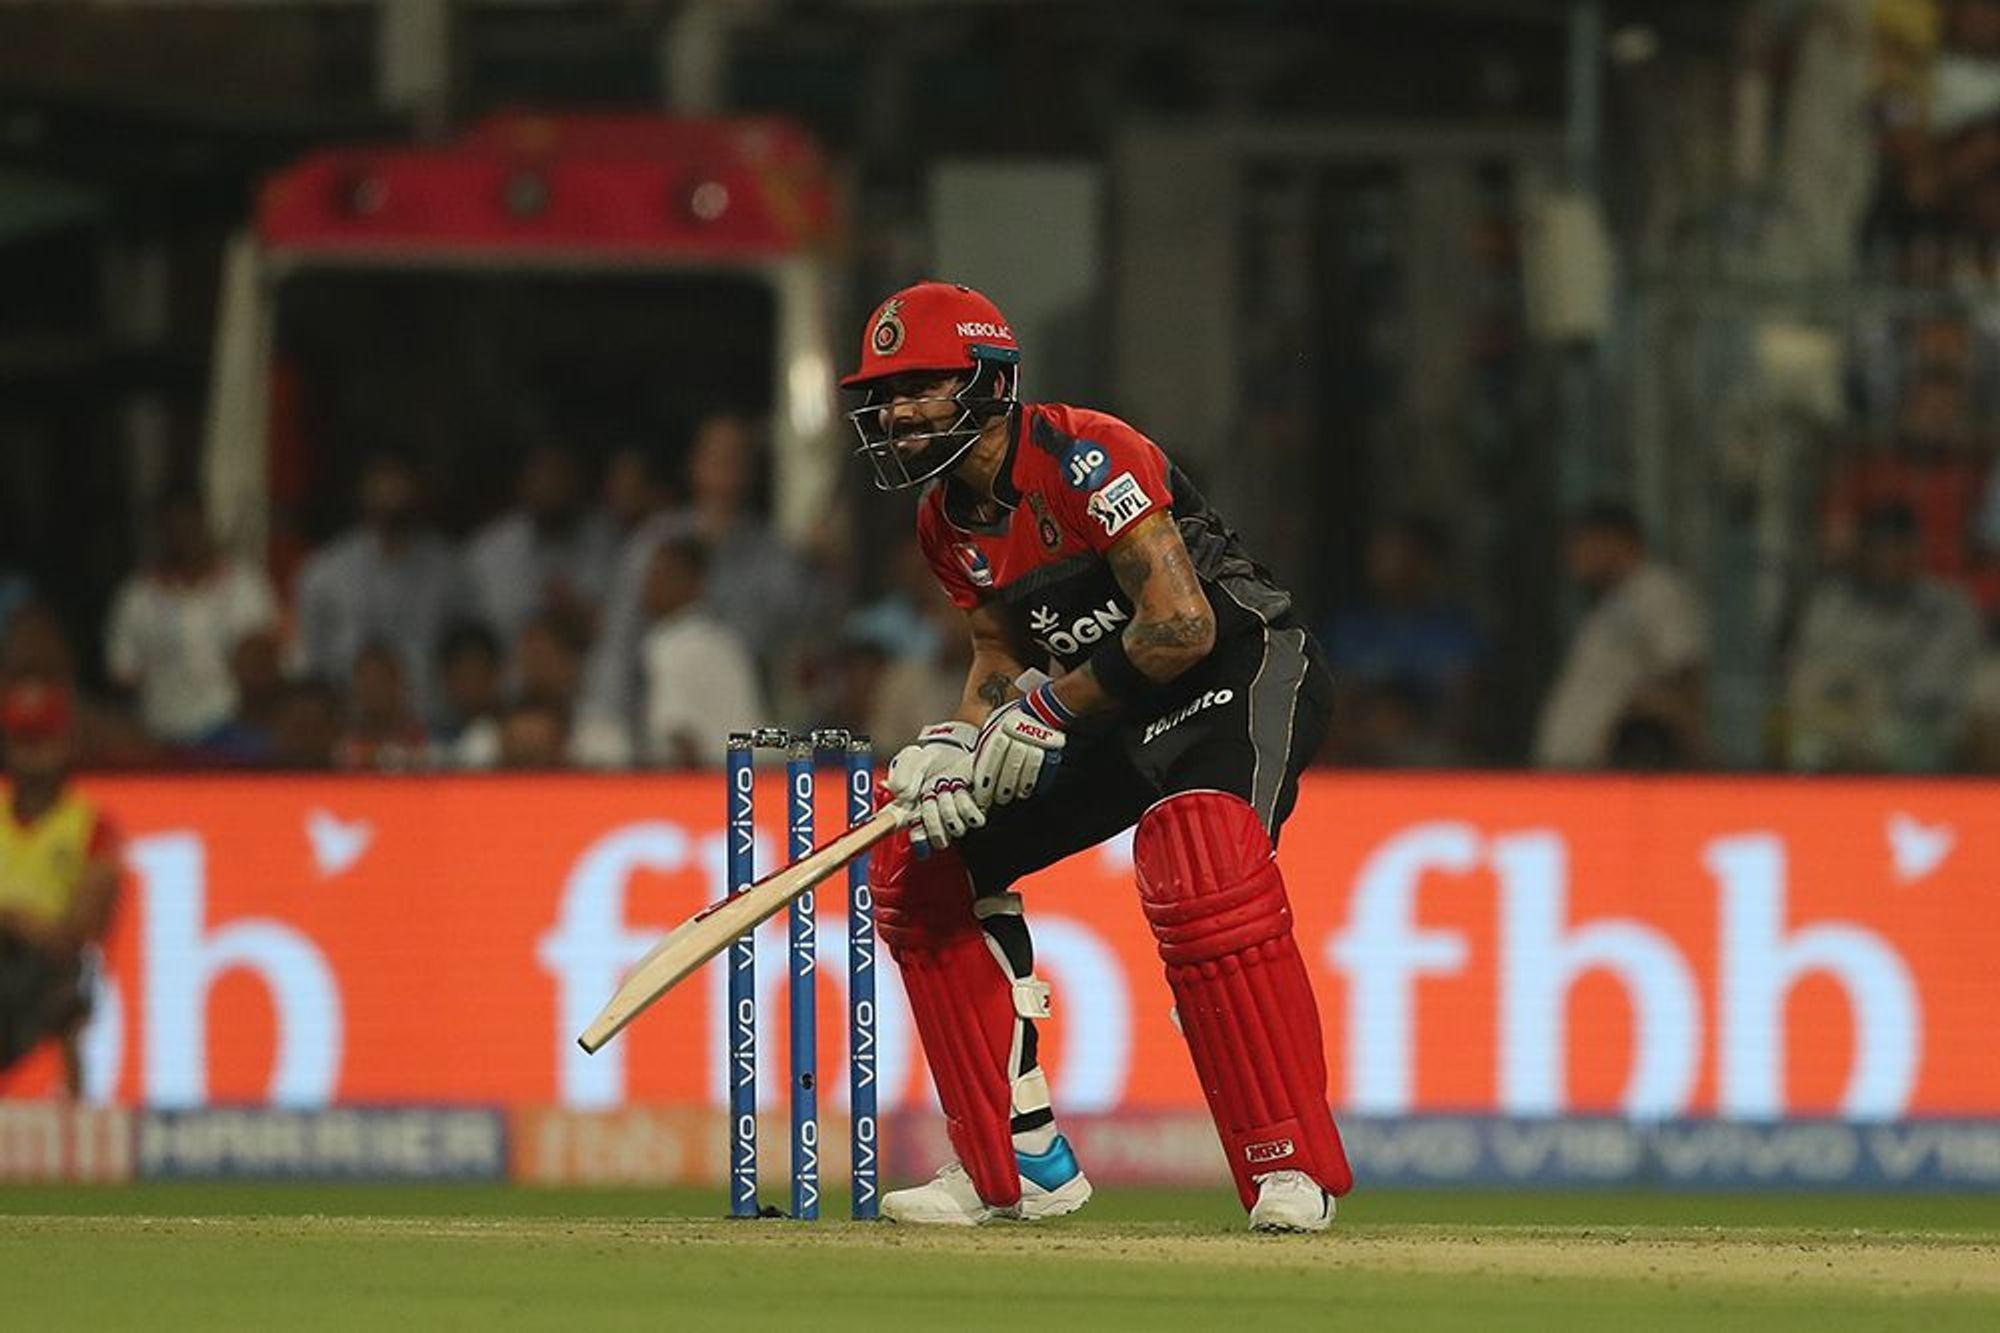 WATCH: विराट कोहली बने विभीषण, भारतीय गेंदबाज की कमजोरी बताई इंग्लैंड बल्लेबाज को 3